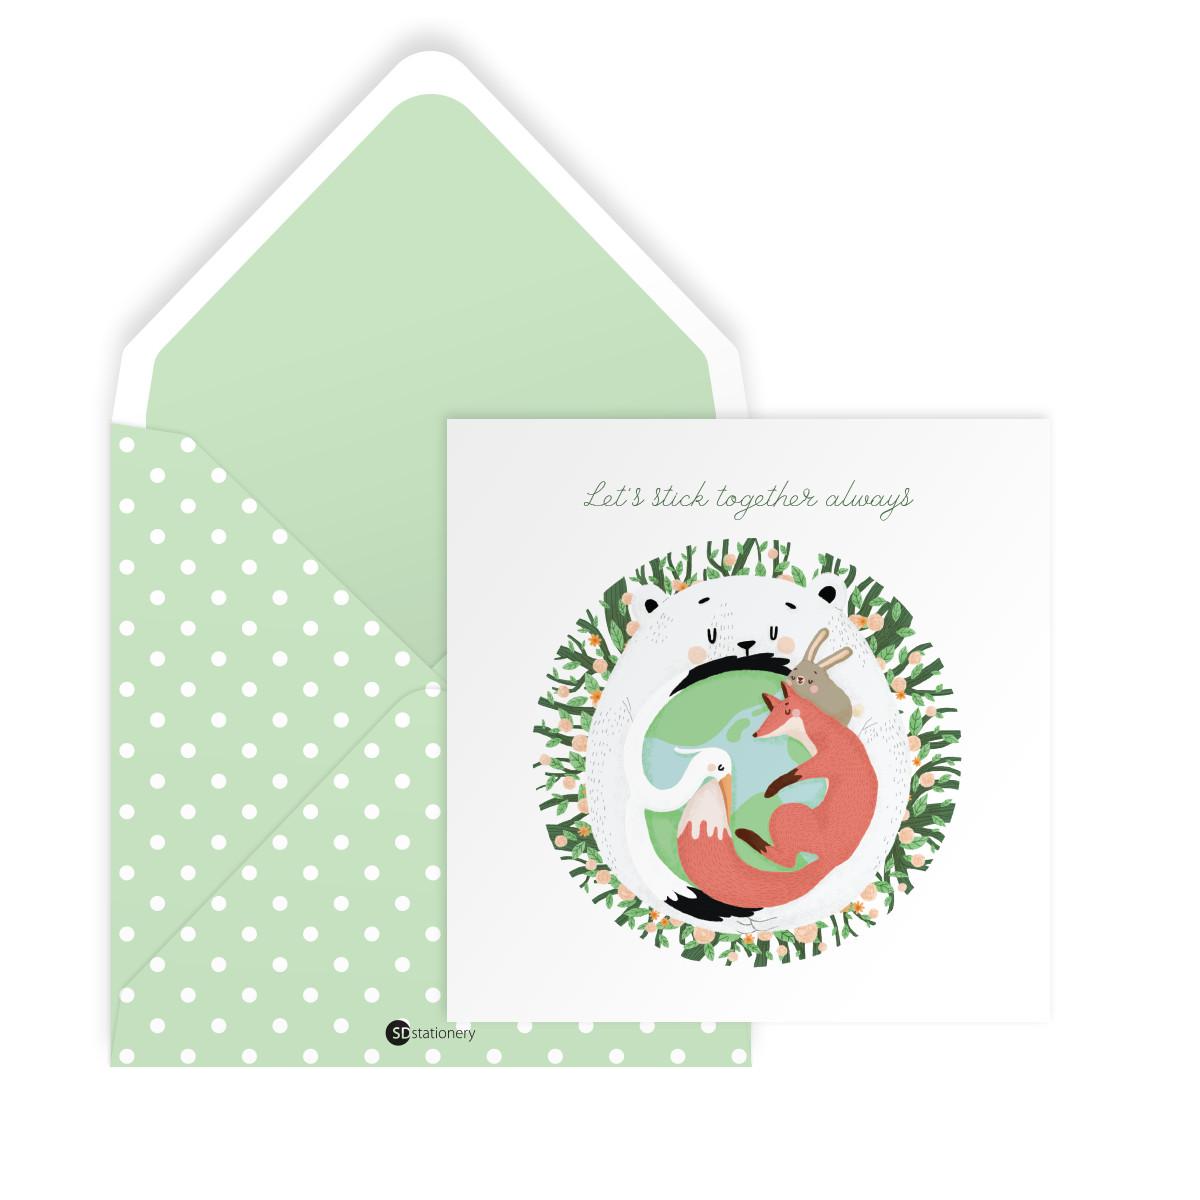 Thiệp tình bạn LET'S STICK TOGETHER ALWAYS vuông 12cm SDstationery LIVE GREEN gấu, chim, cáo, thỏ, cây cối